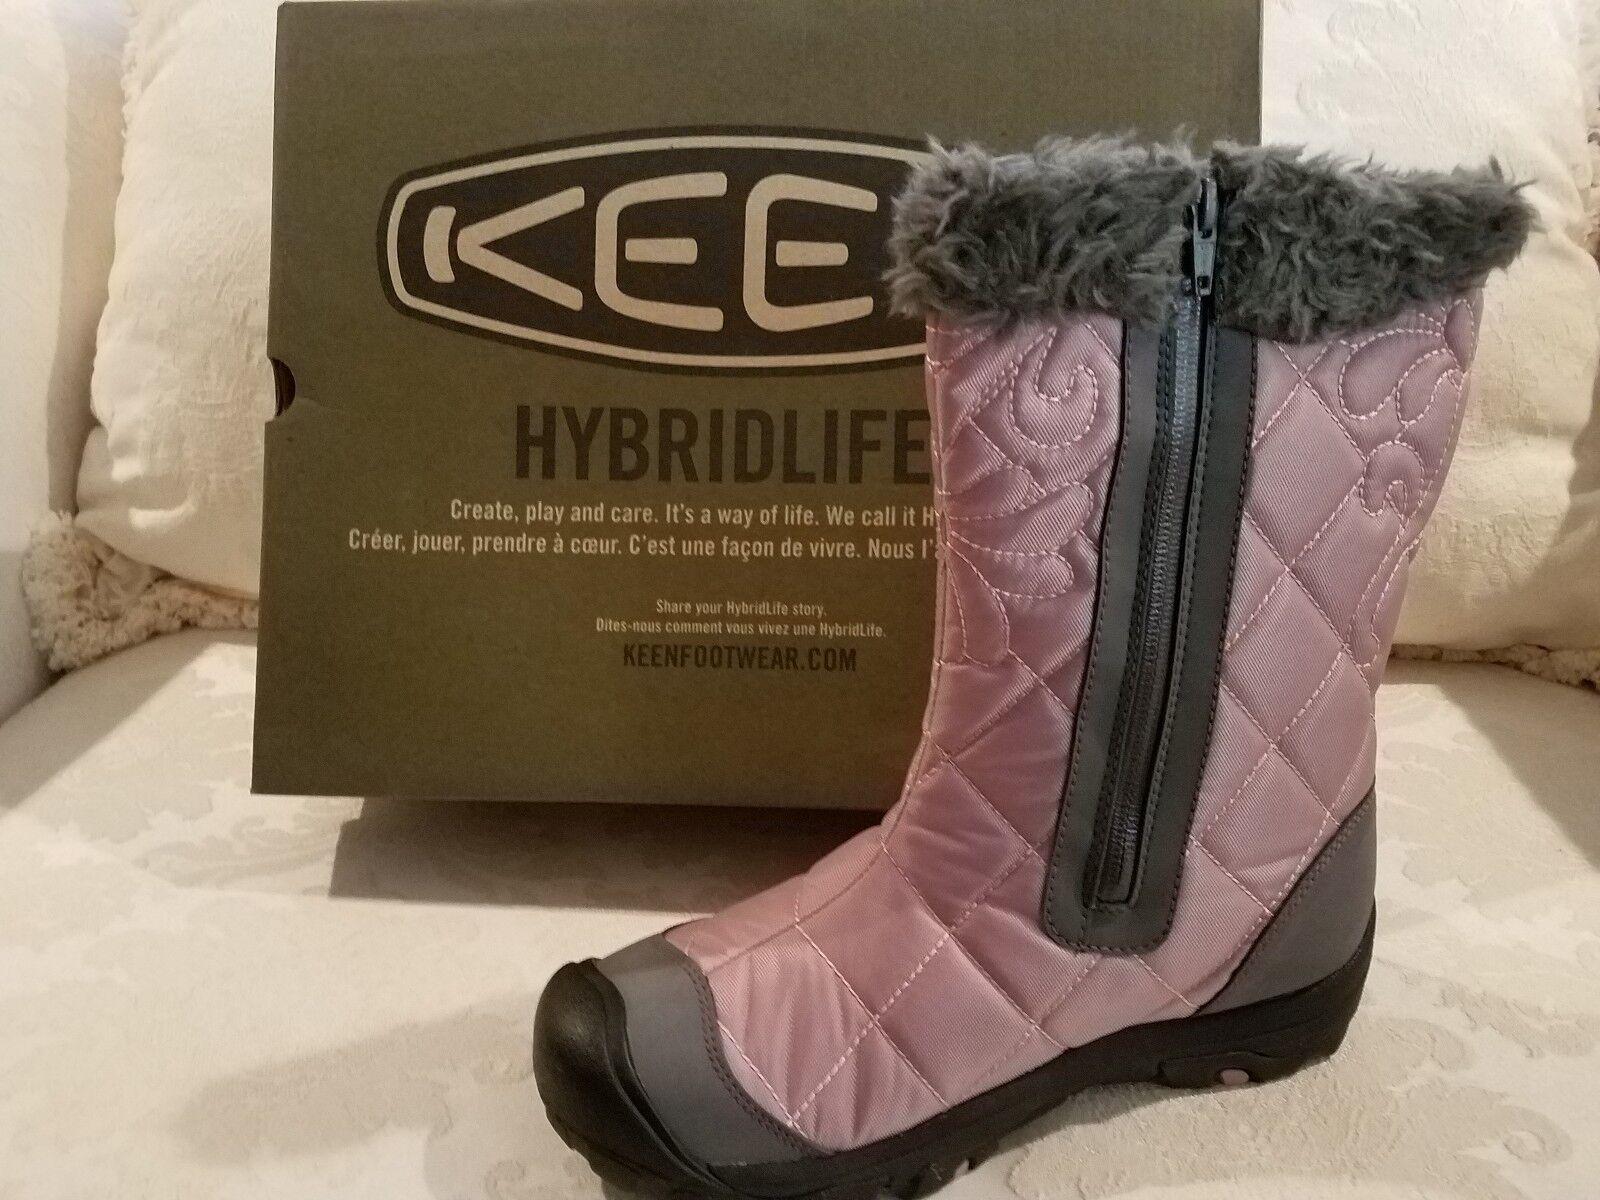 Keen Impermeable Acolchado botas Gárgola Burlington Nueva en en en caja envío gratuito para Mascota Caridad bfa6f3